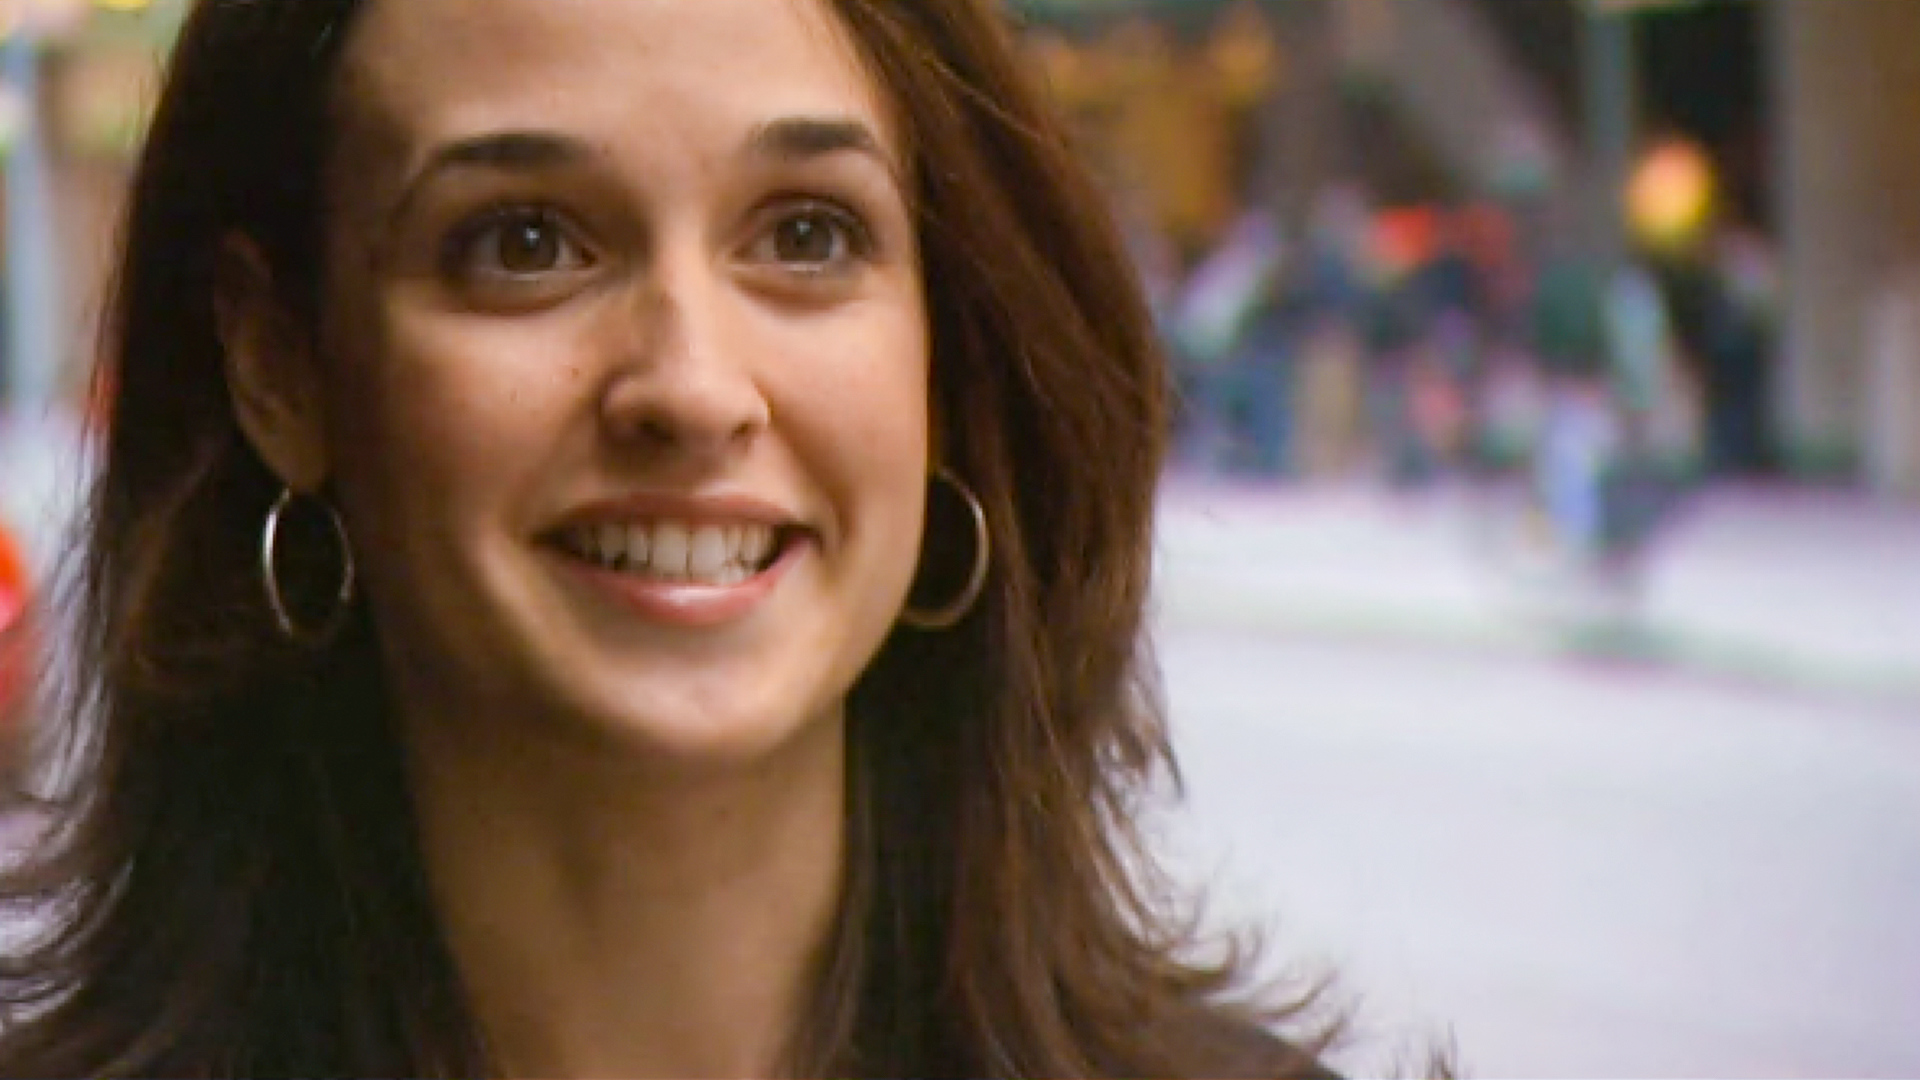 Adrianna, chef du personnel